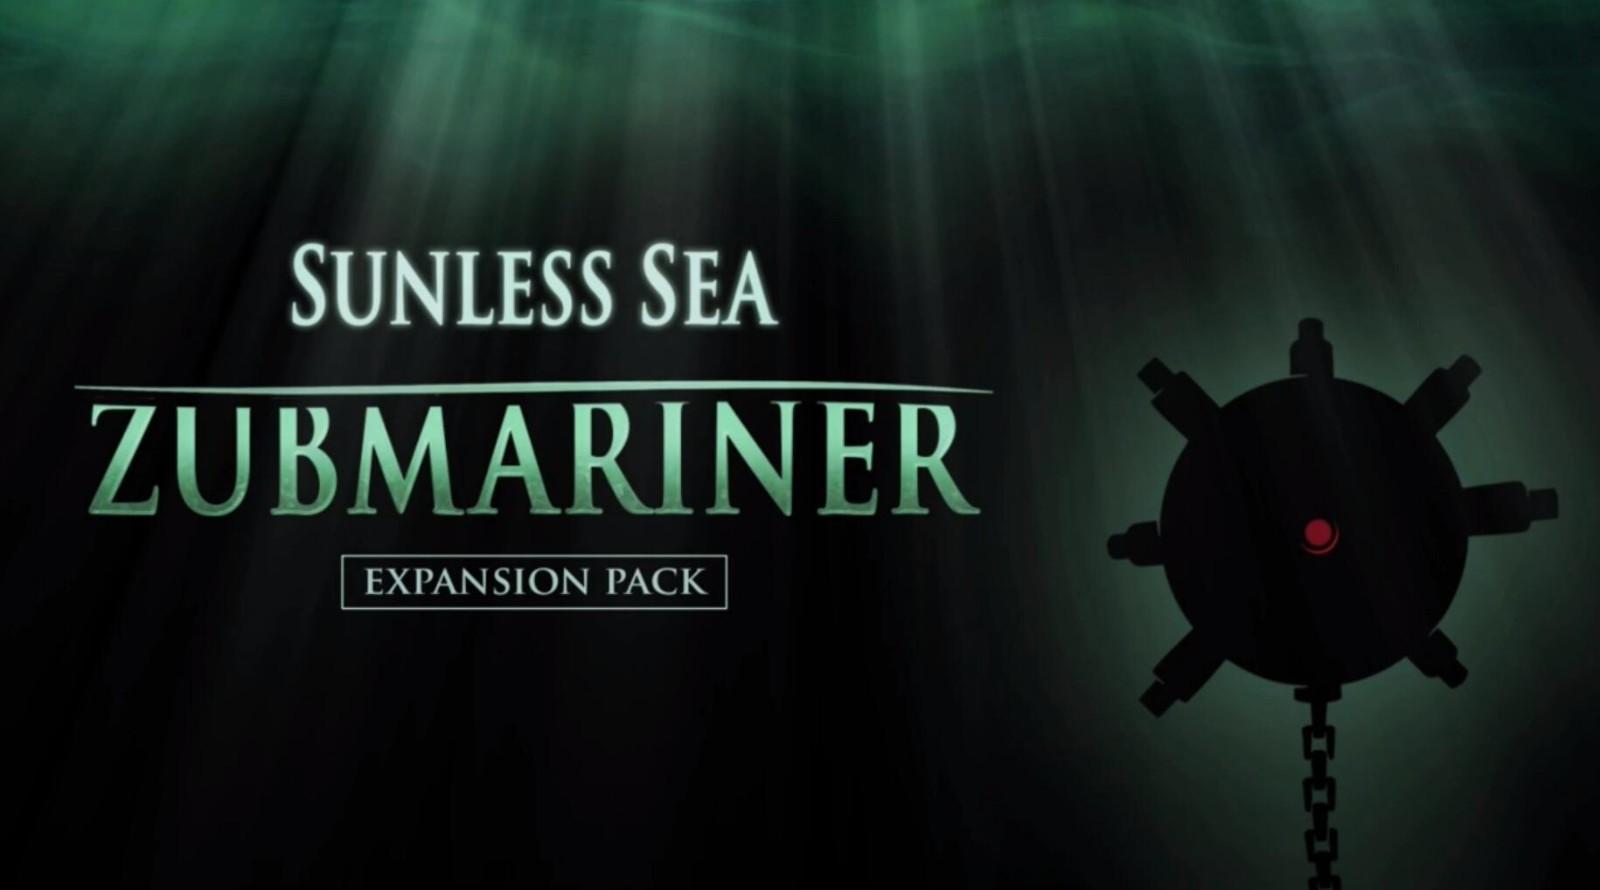 Epic本周喜加一更新 免费领取《无光之海》